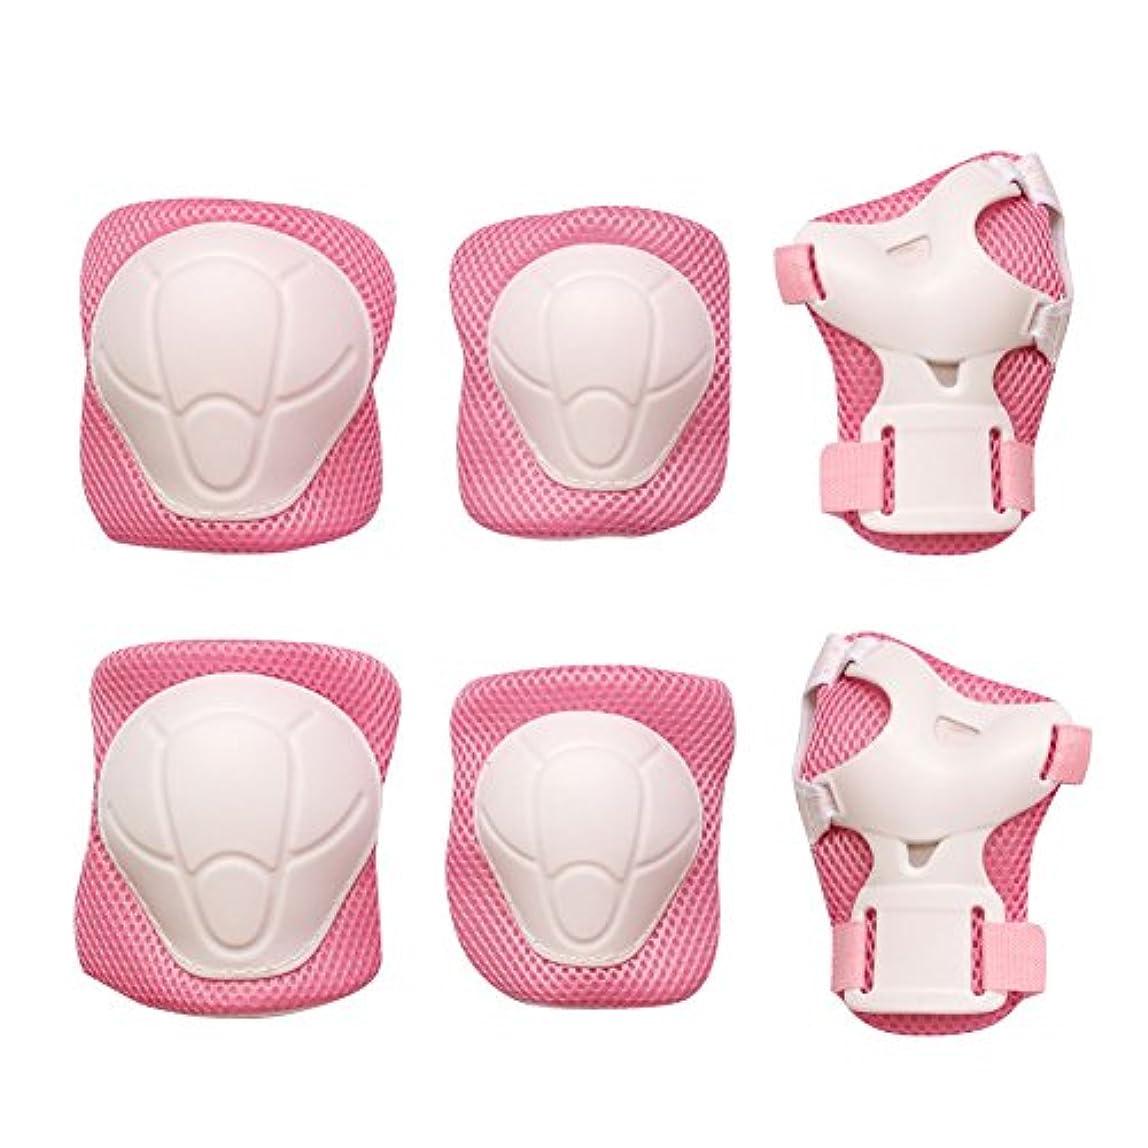 取り戻すスクリューまたねmaxzola Kids Protective Pads膝パッド肘パッド手首ガード3 in 1保護ギアセット